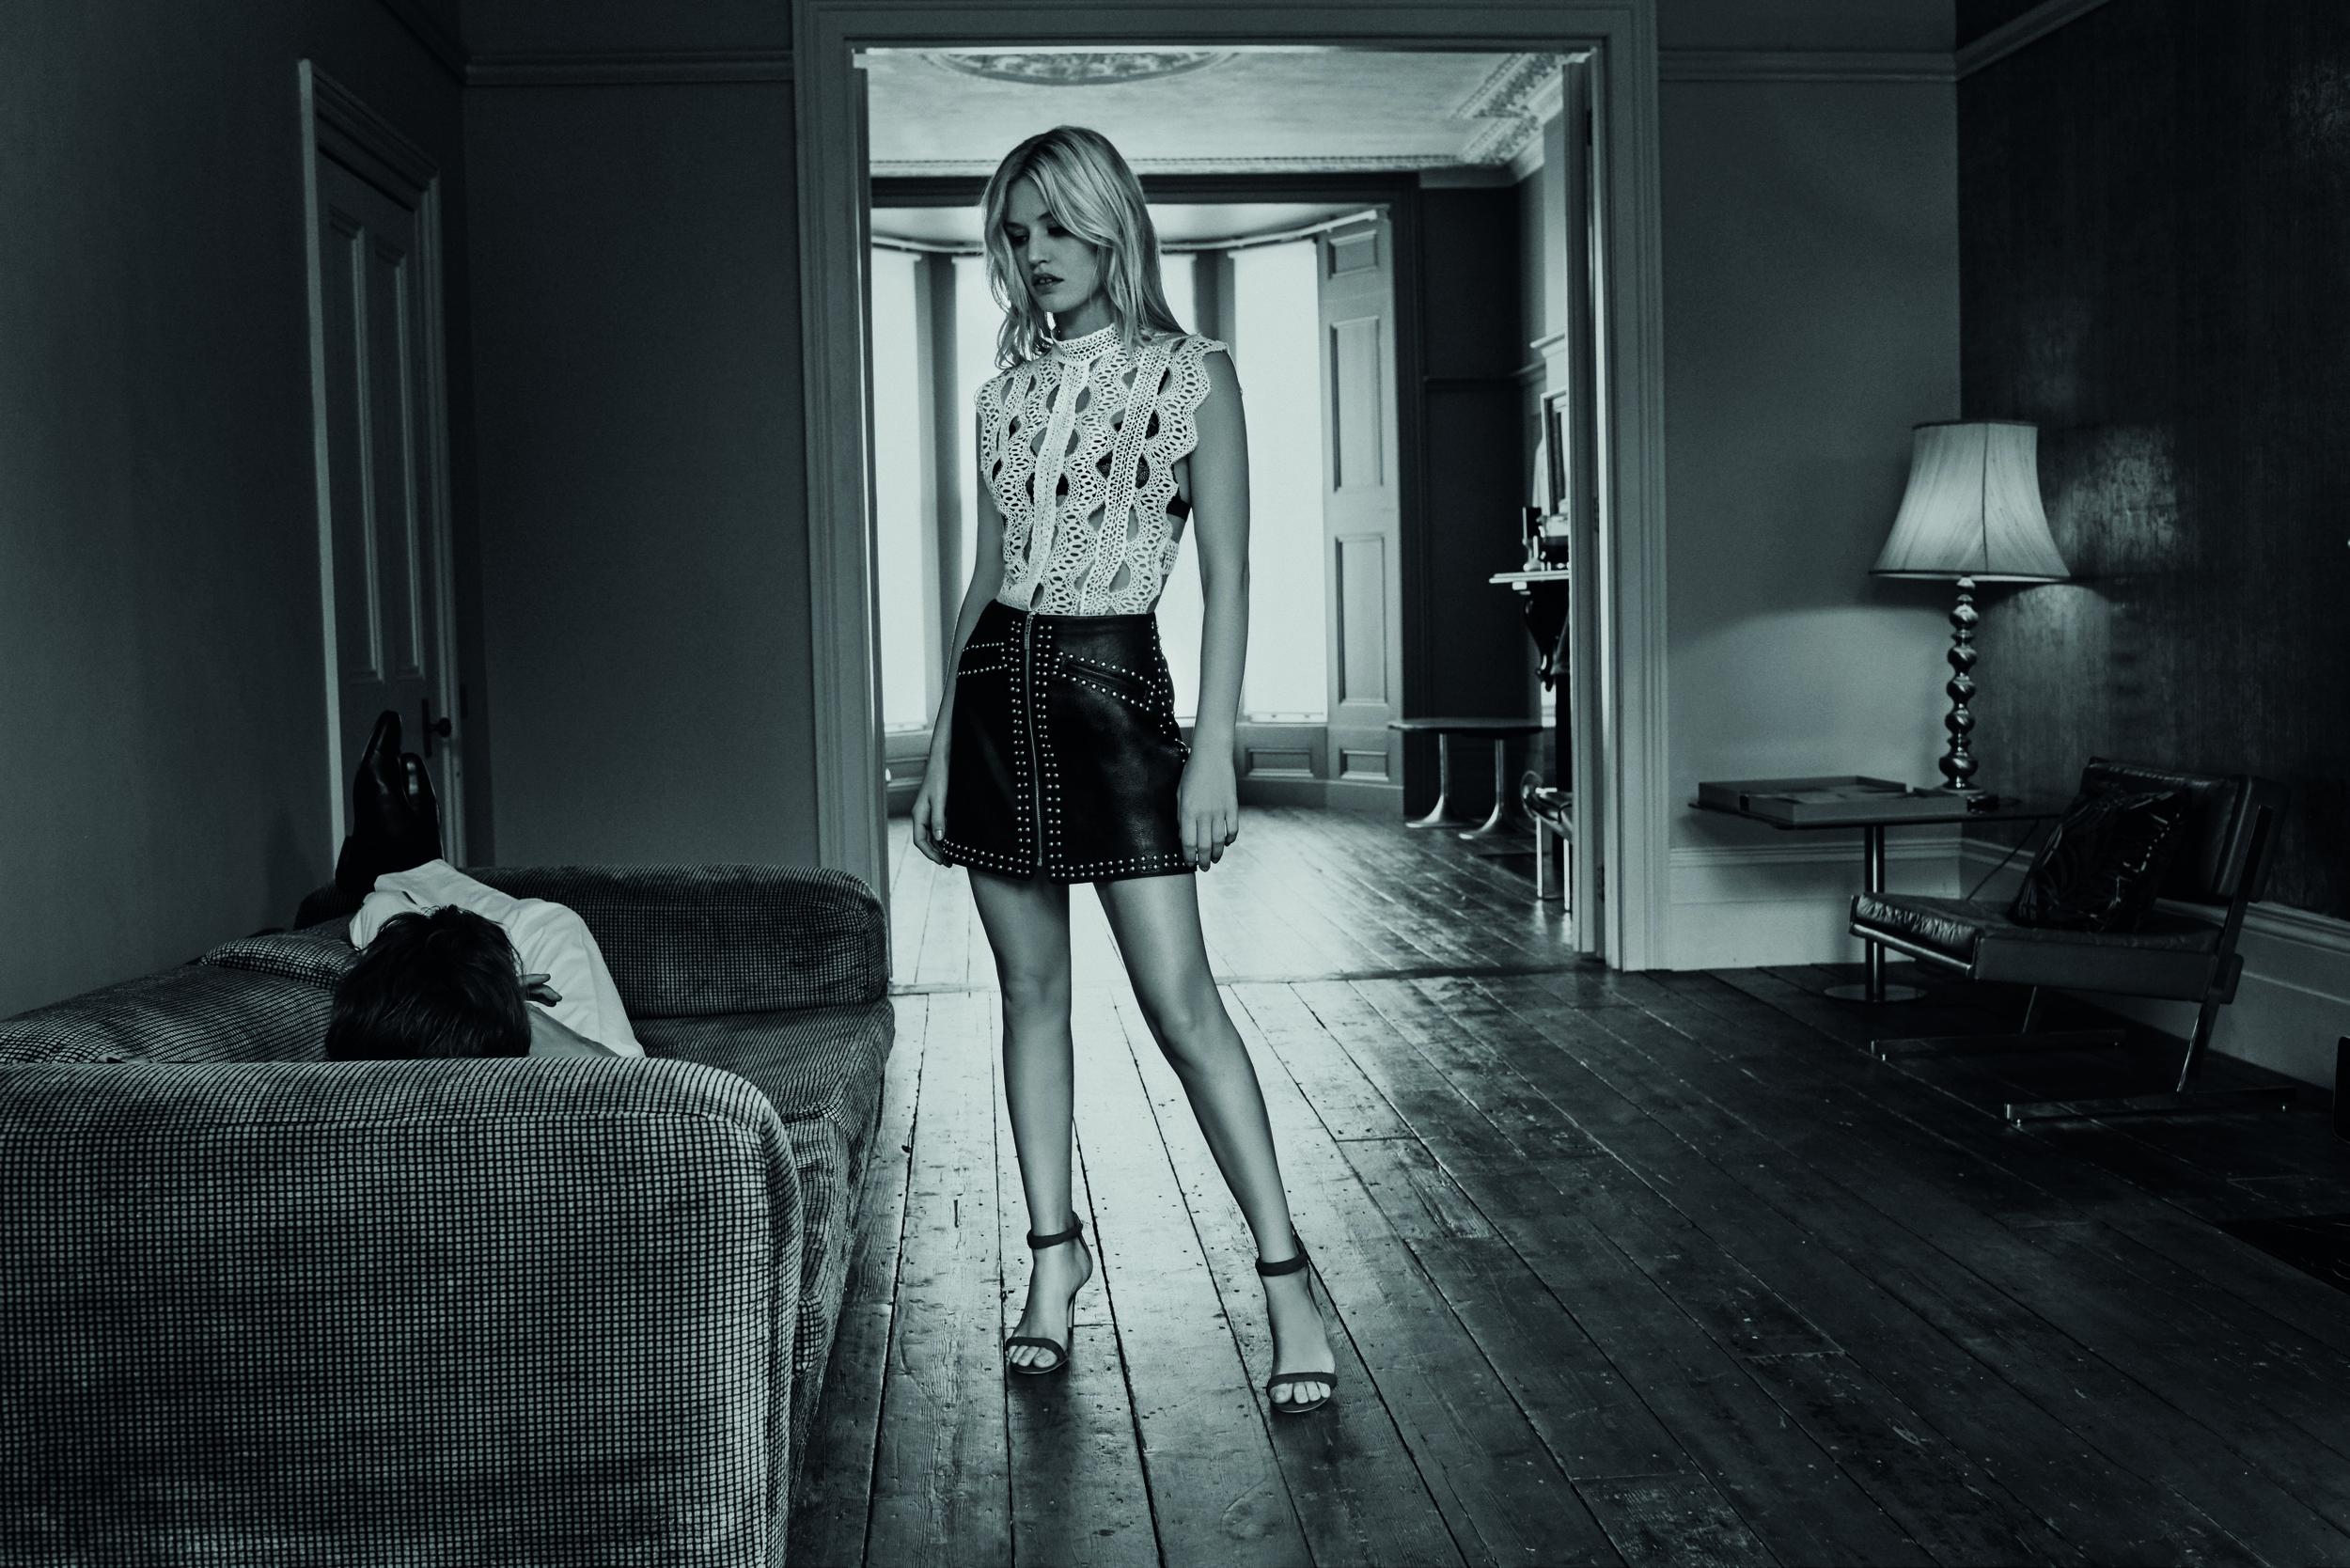 Collection-Morgan-Georgia-May-Jagger-elisa-les-bons-tuyaux-6.jpg